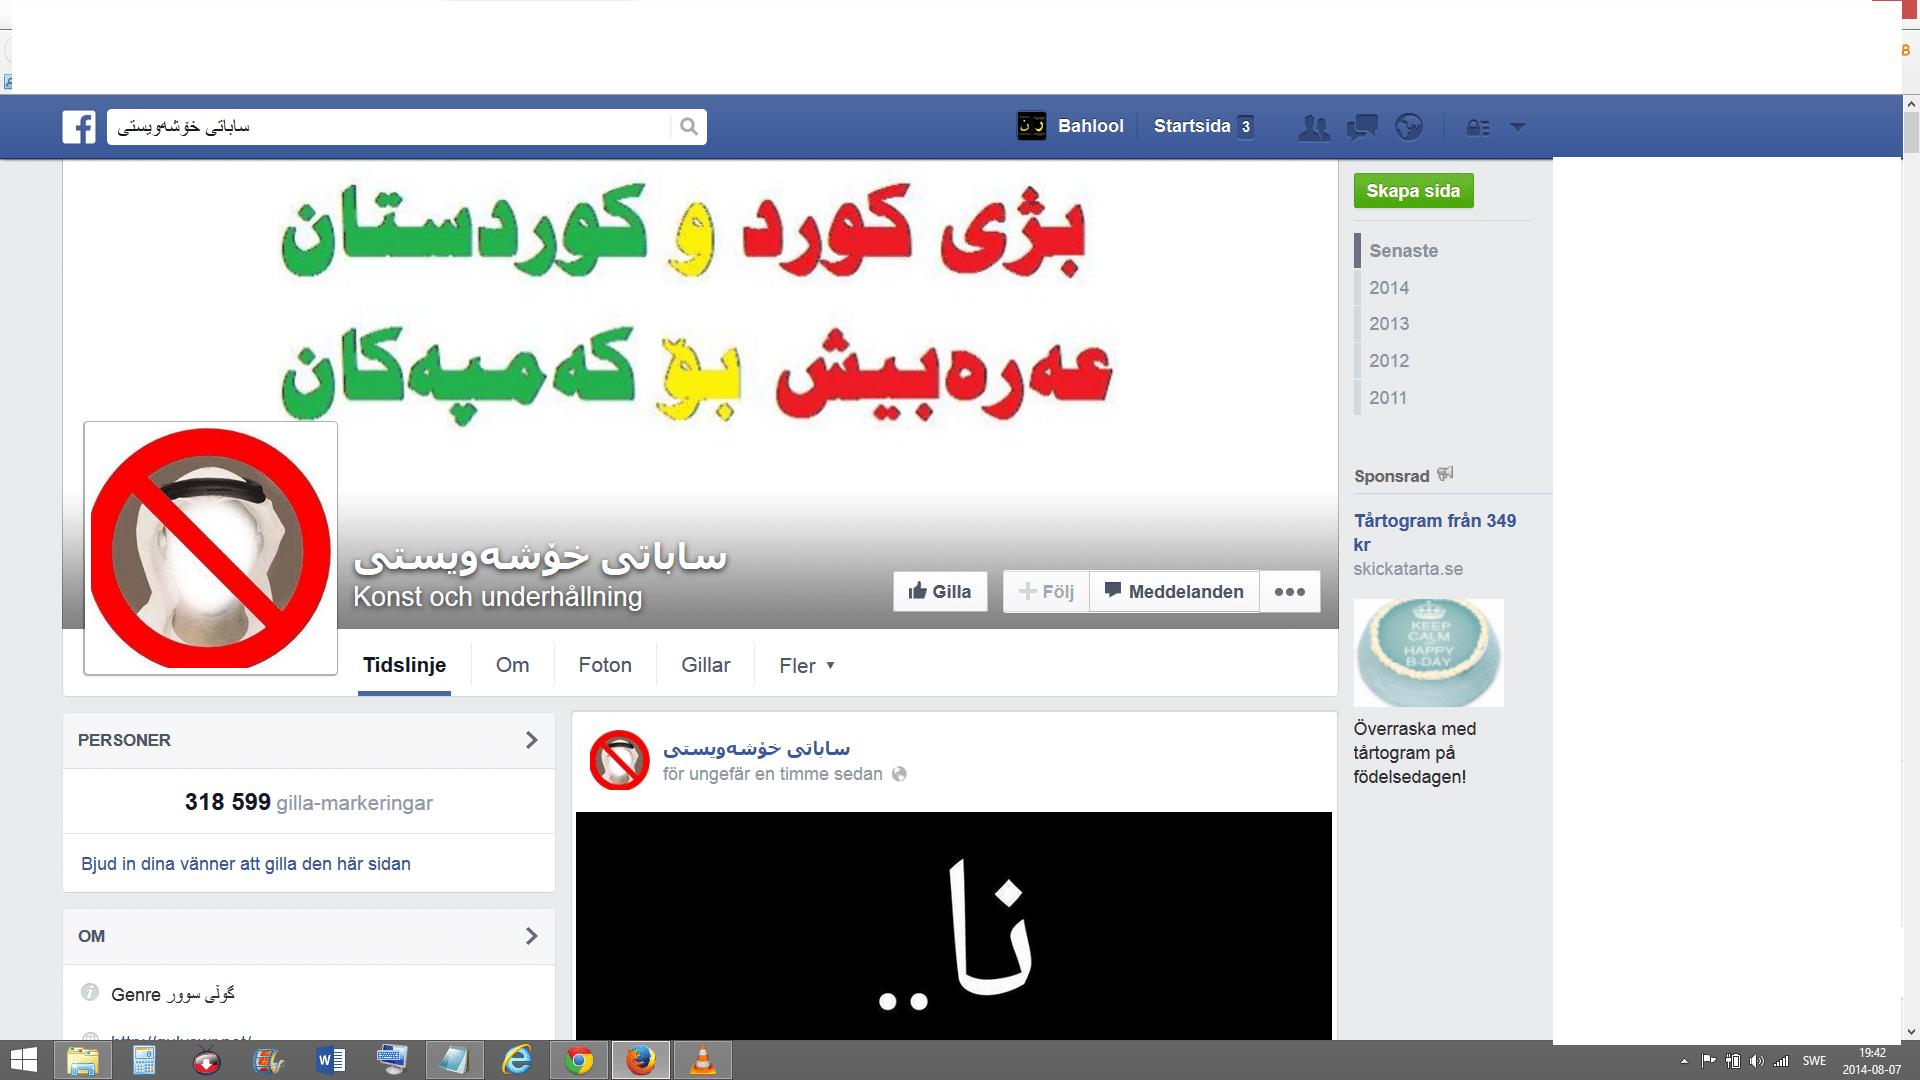 kurdisk rasist